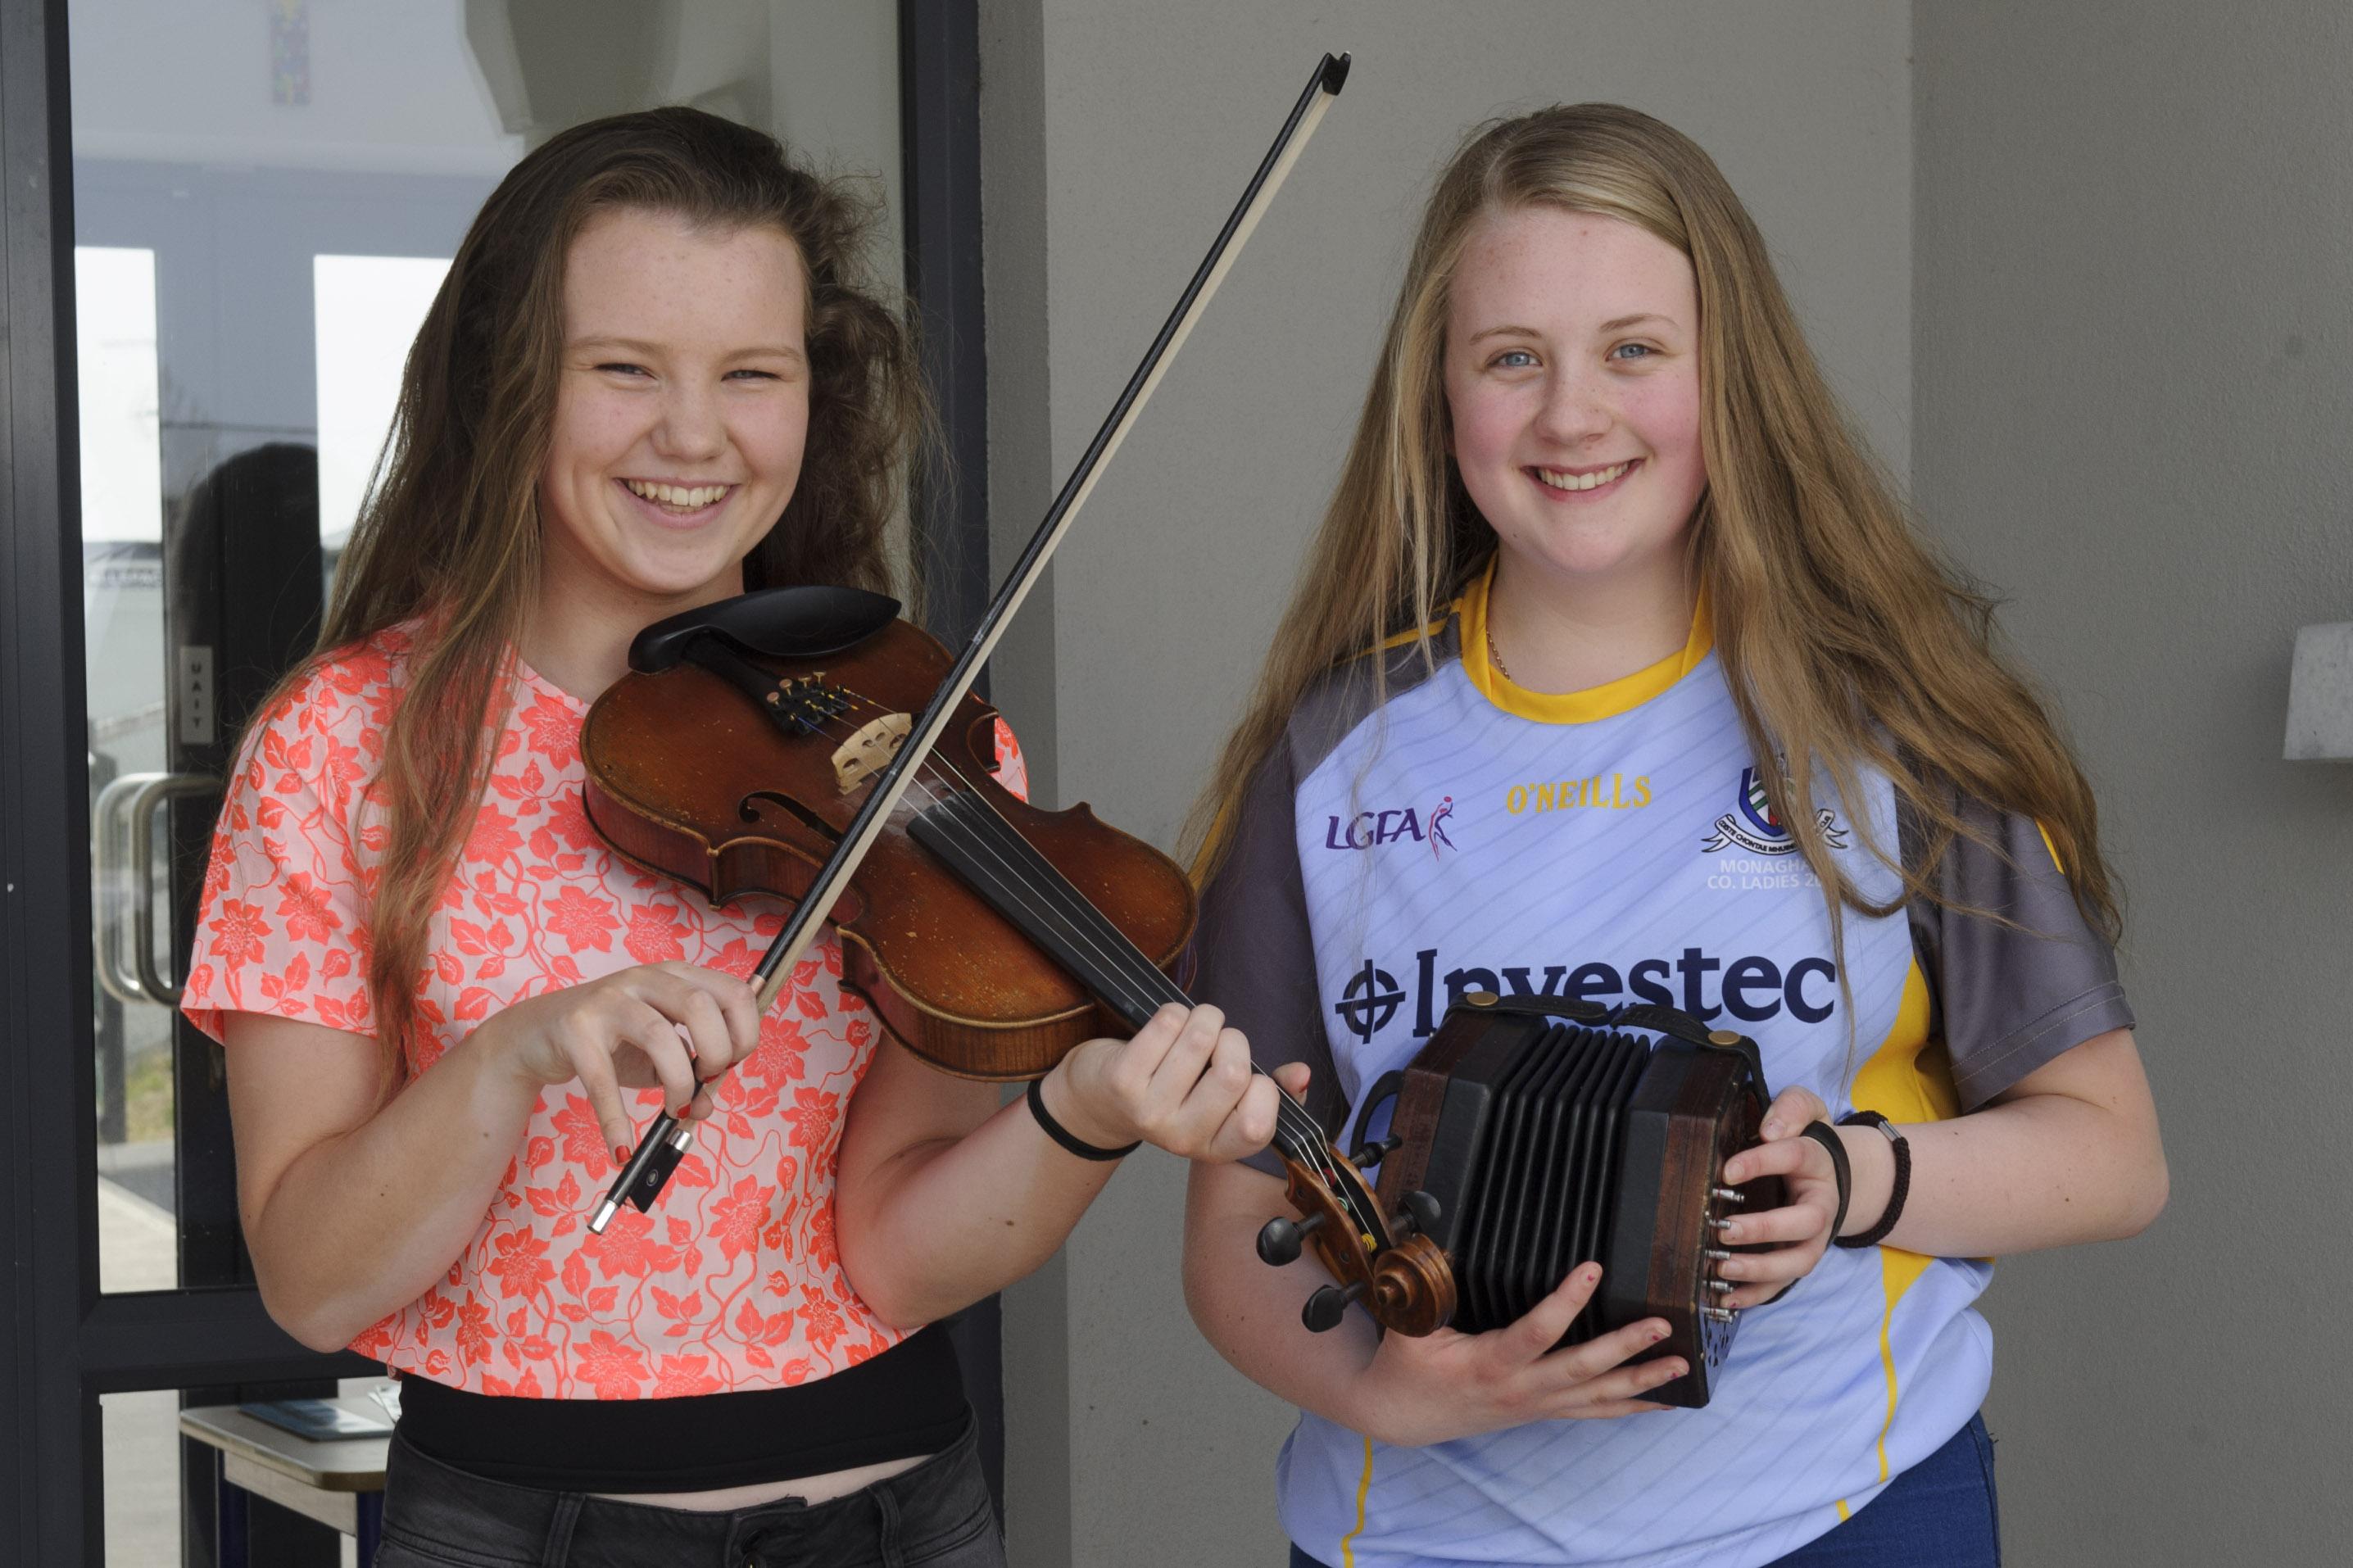 Aoibheann Treanor, left and Aisling Ní Ghallchóir, Baile Mhuineacháin CCE, who were winners of the U-15 Trio, along with Dearbhla Ní Ghallchóir. Aisling was 2nd in the U-15 Fiddle and Aoiobheann was winner of the U-15 Concertina. ©Rory Geary/The Northern Standard